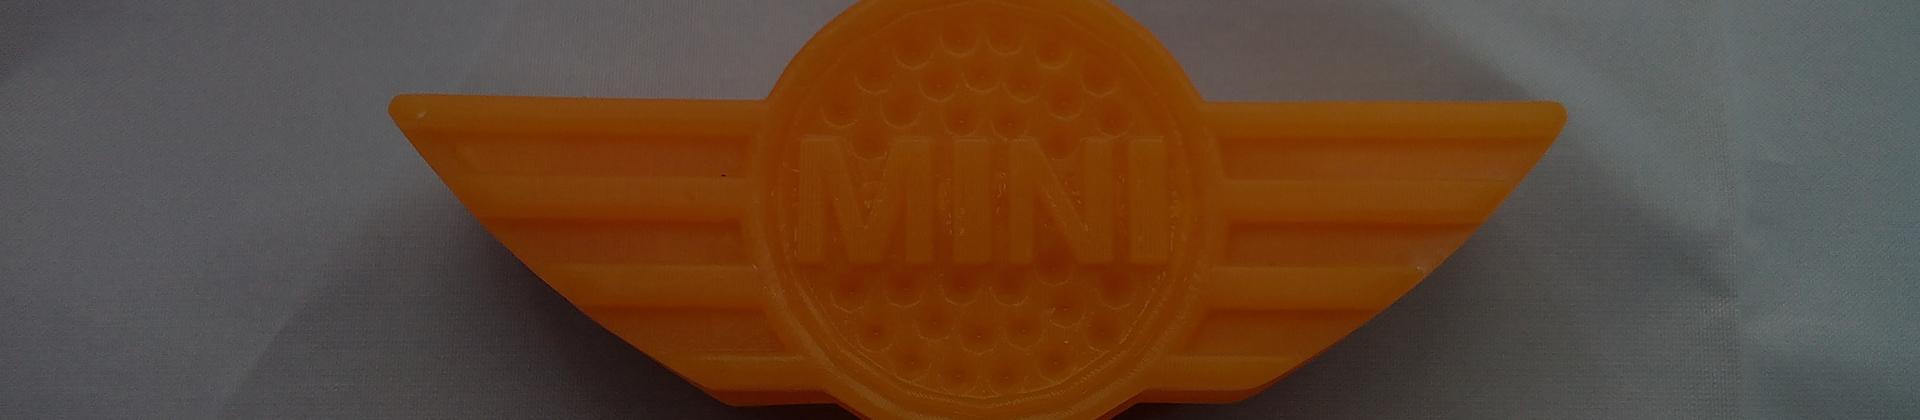 采用多喷嘴立体打印(MJM)技术